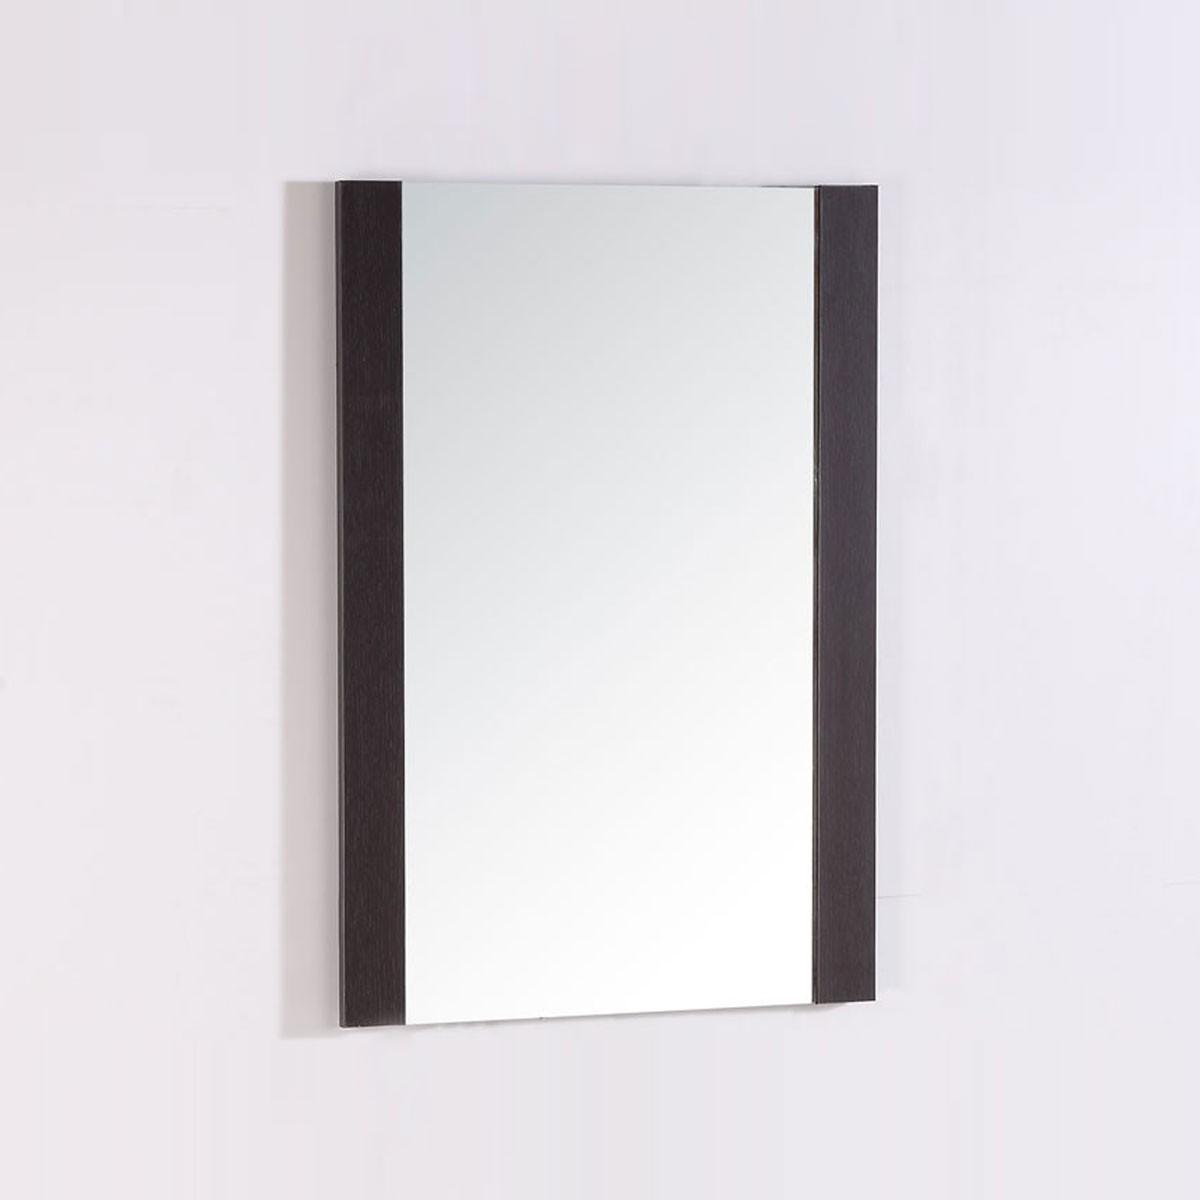 24 x 32 po Miroir pour Meuble Salle de Bain (DK-TH9021A-M)